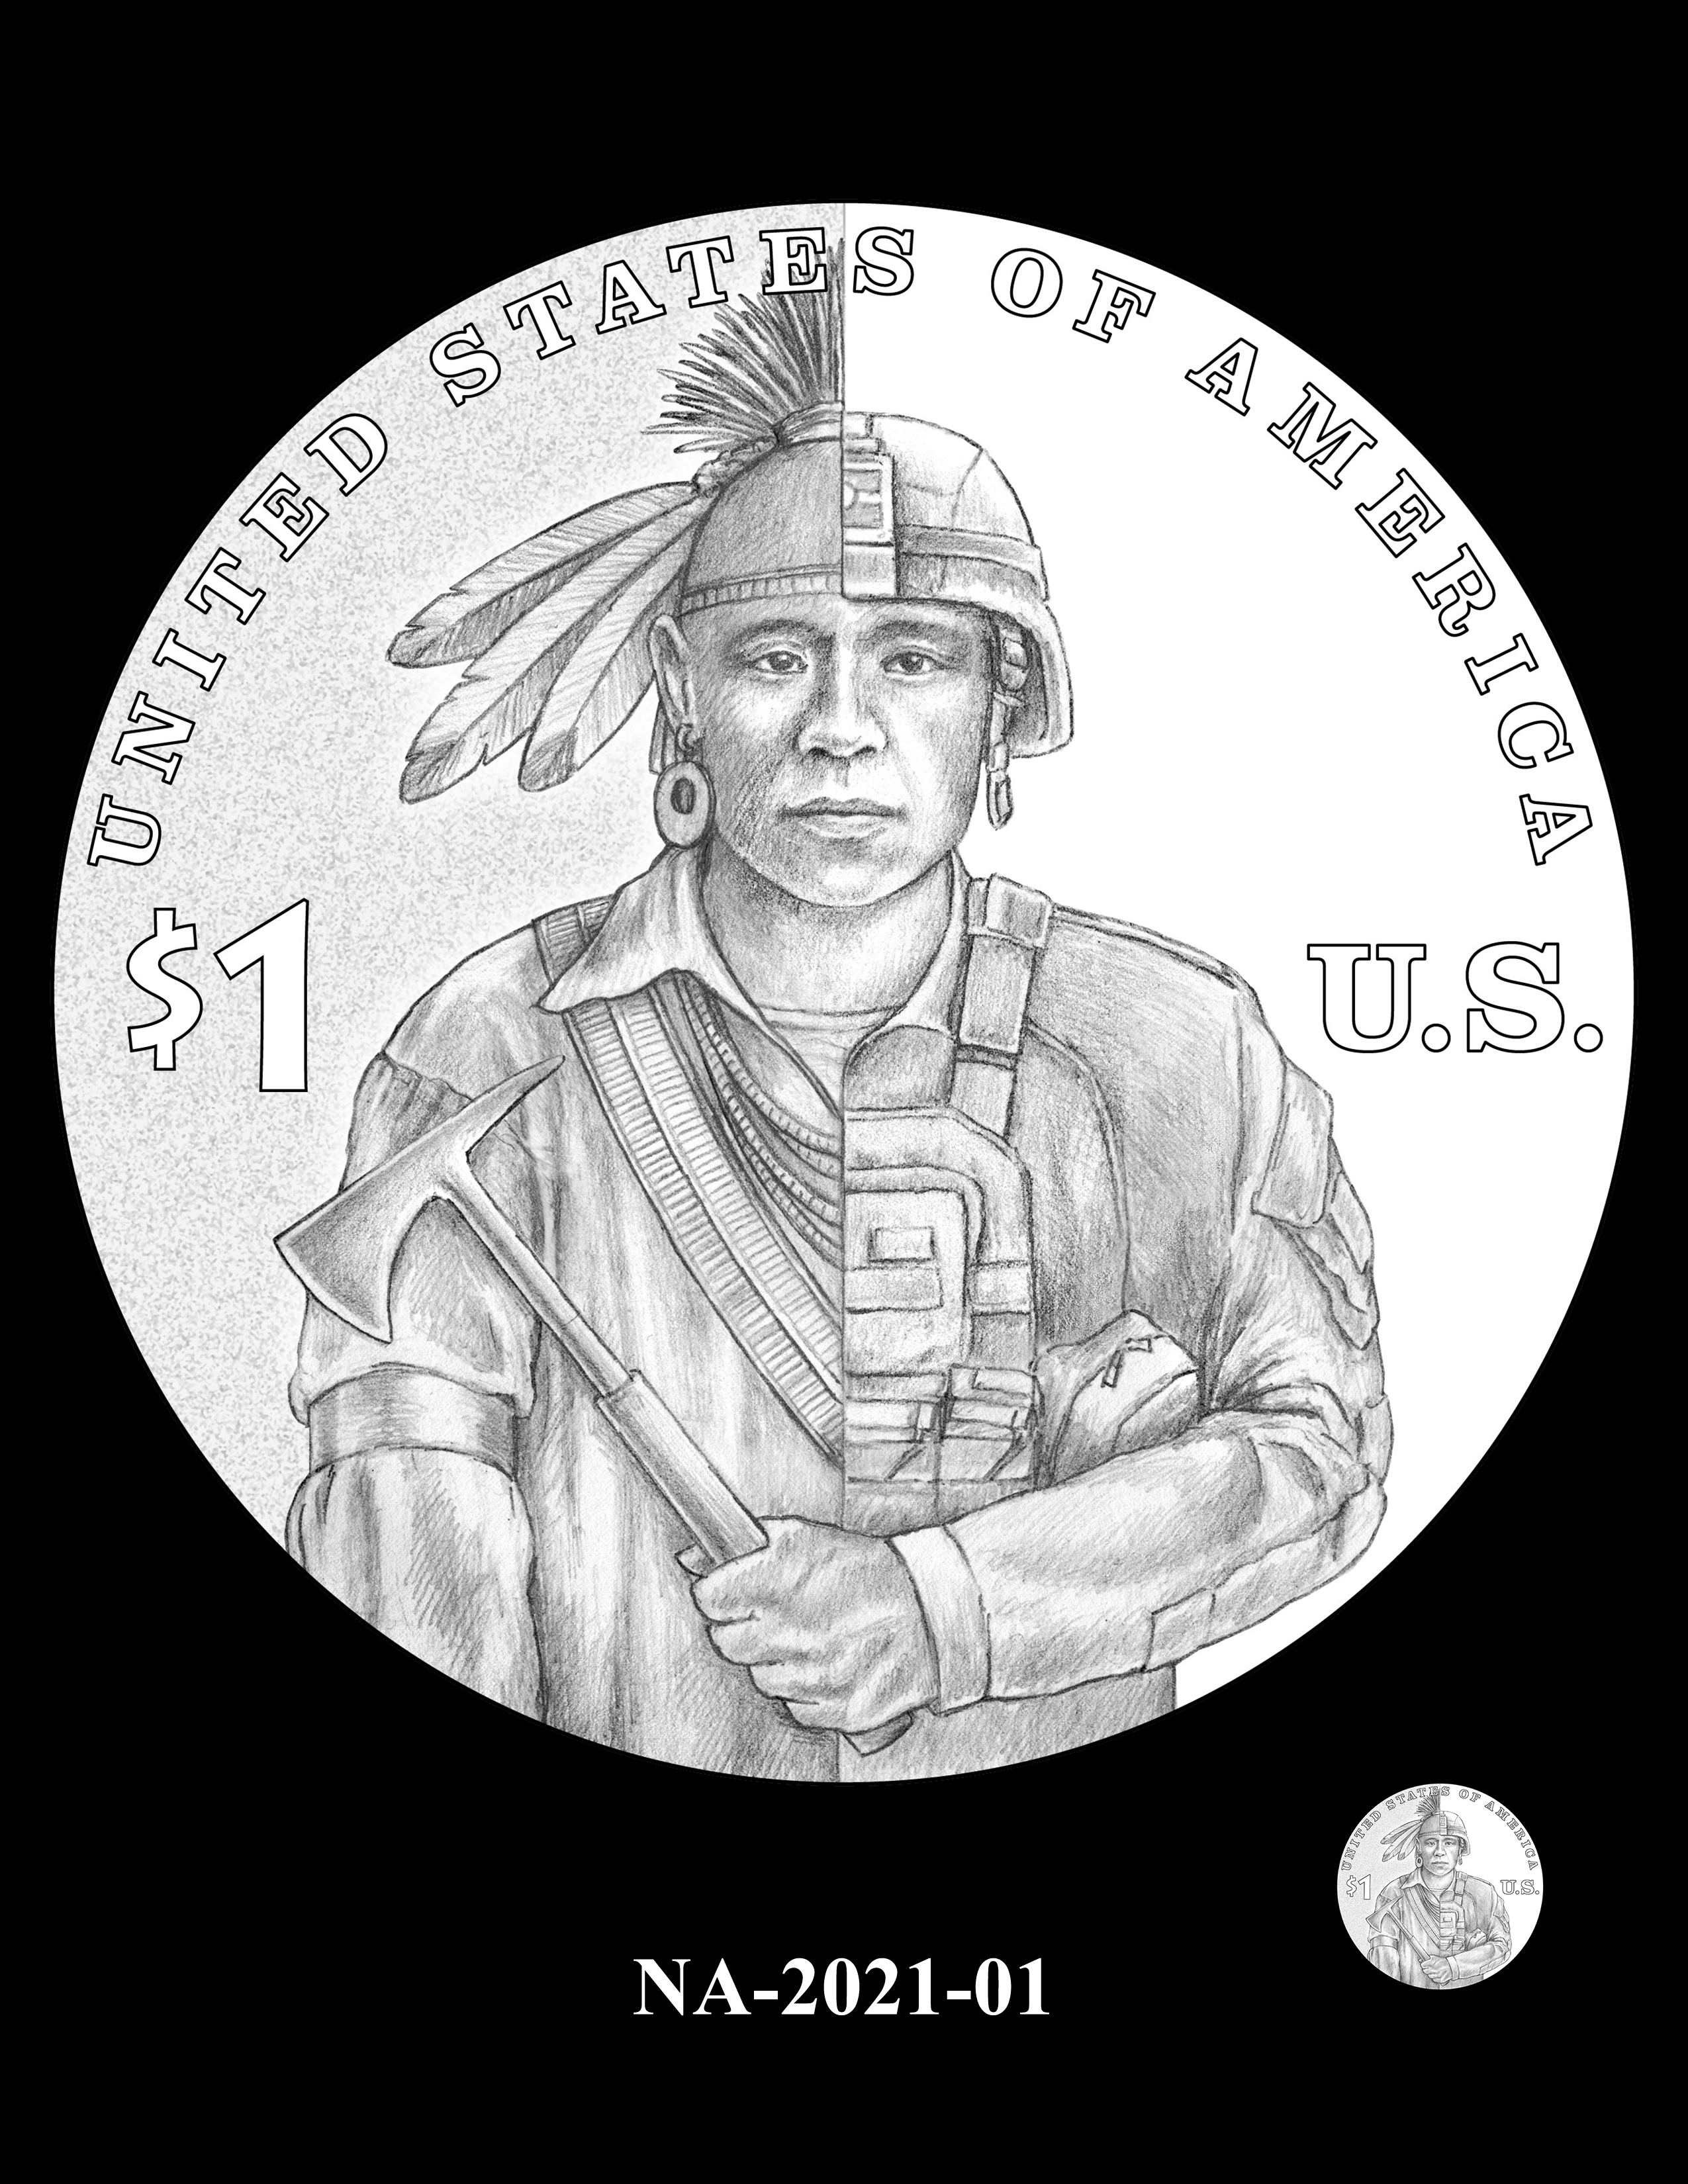 NA-2021-01 -- 2021 Native American $1